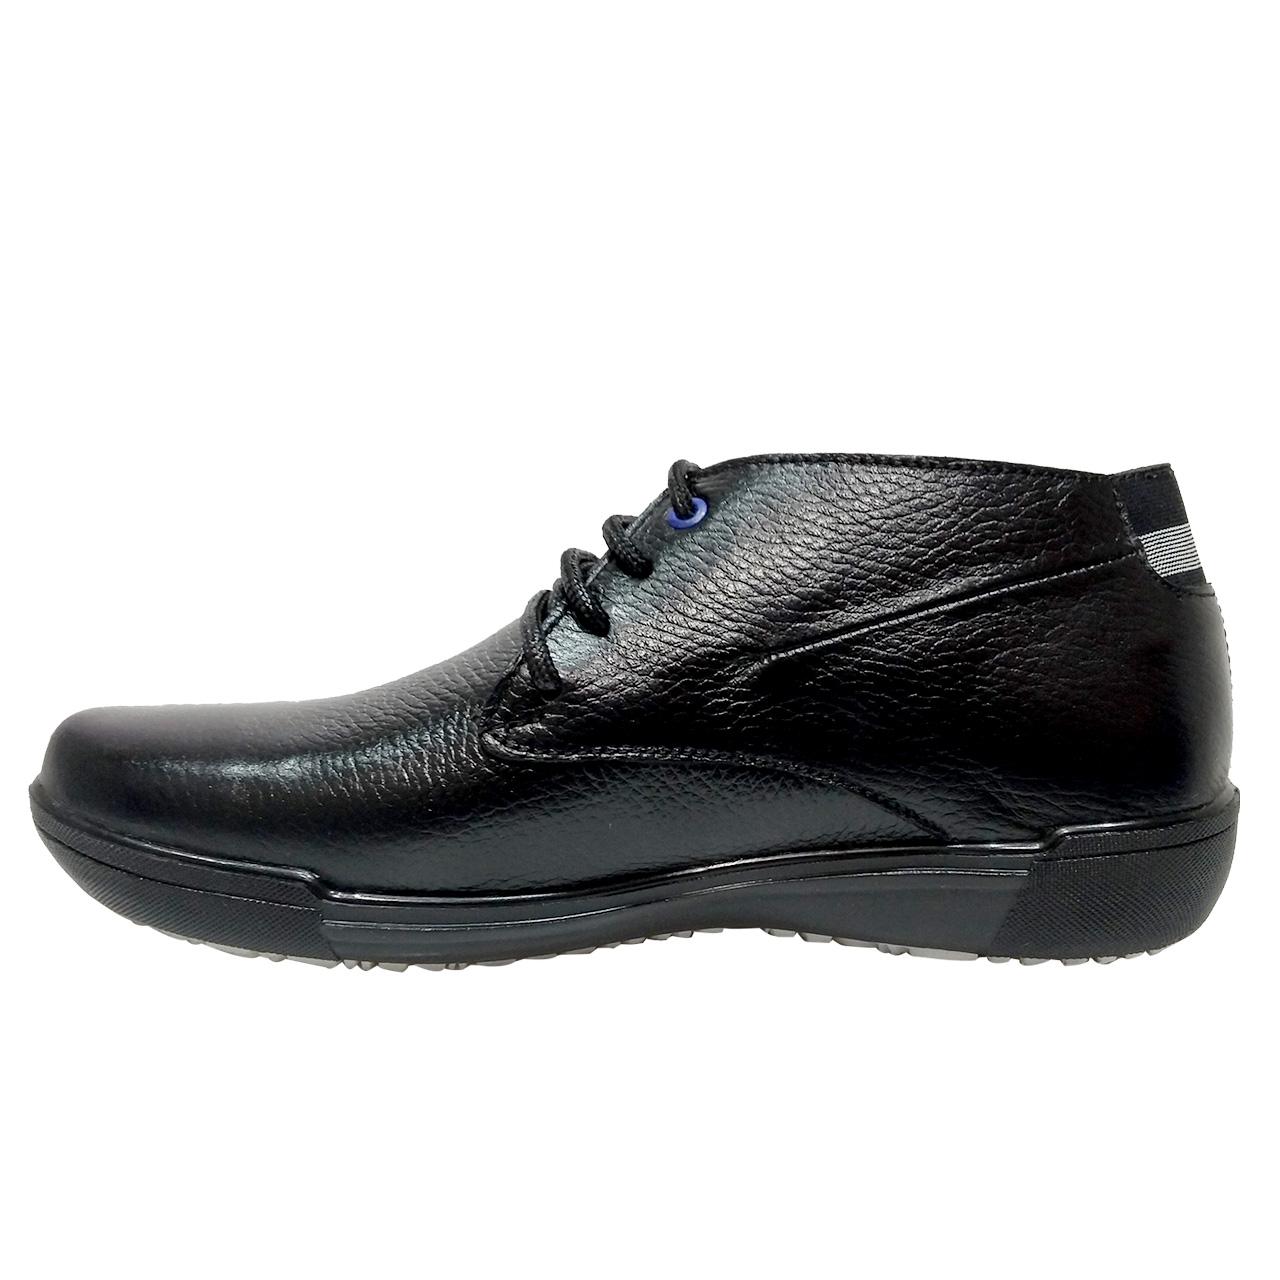 قیمت کفش  طبی مردانه مدل Farhad کد11